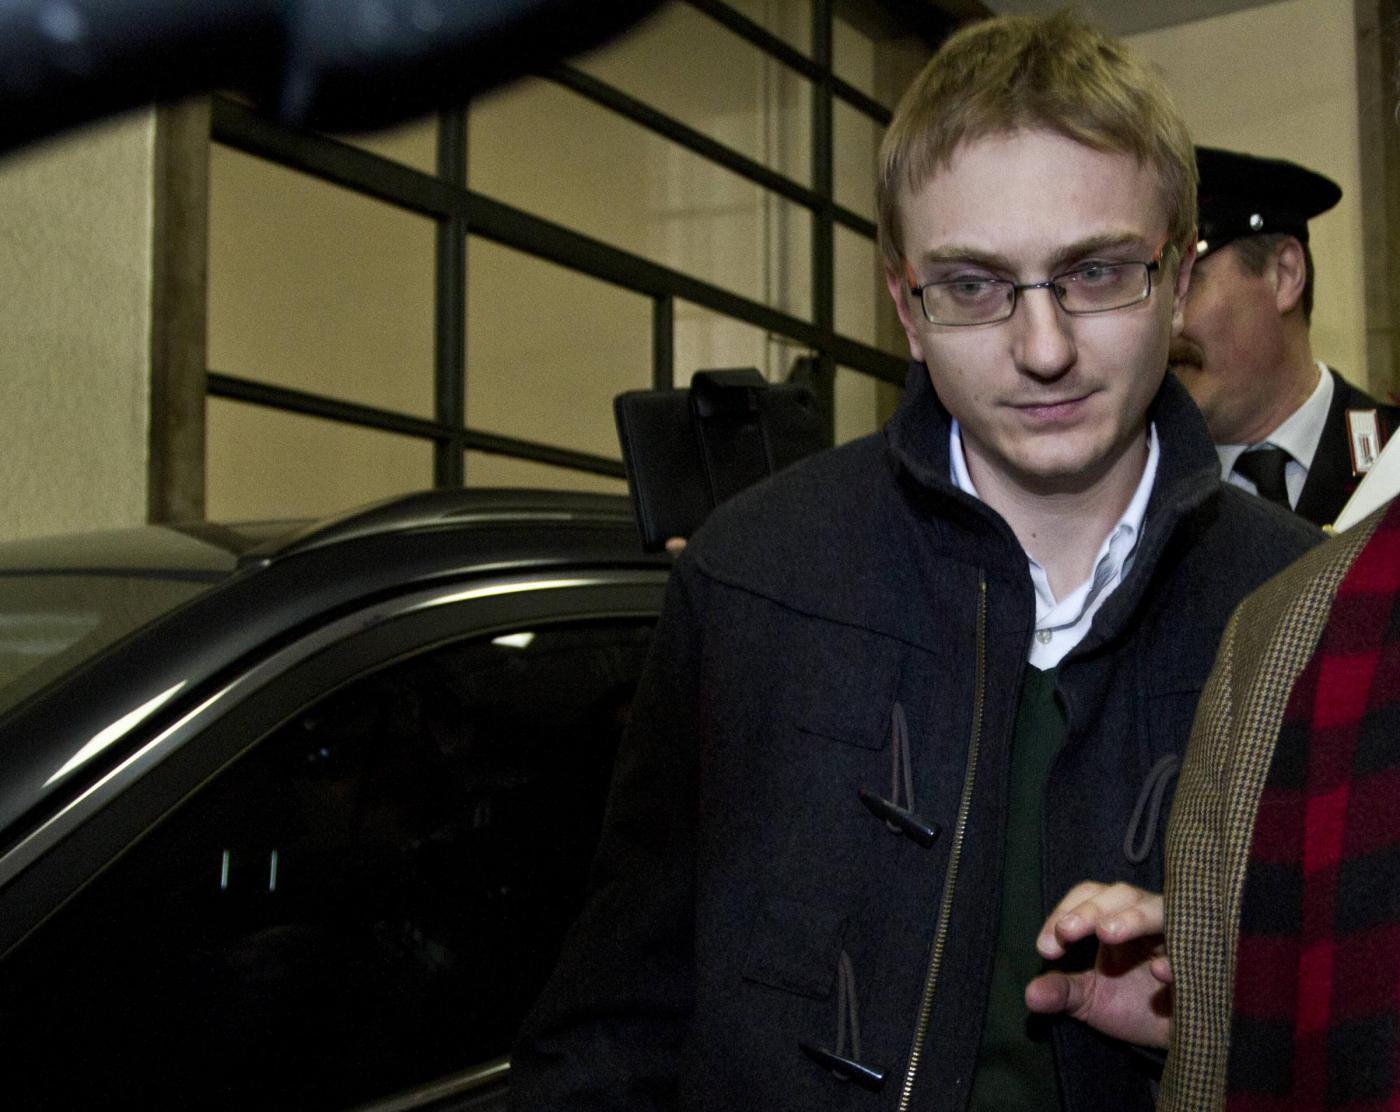 Alberto Stasi in carcere per l'omicidio di Chiara Poggi: 'Non so come sopravviverò'